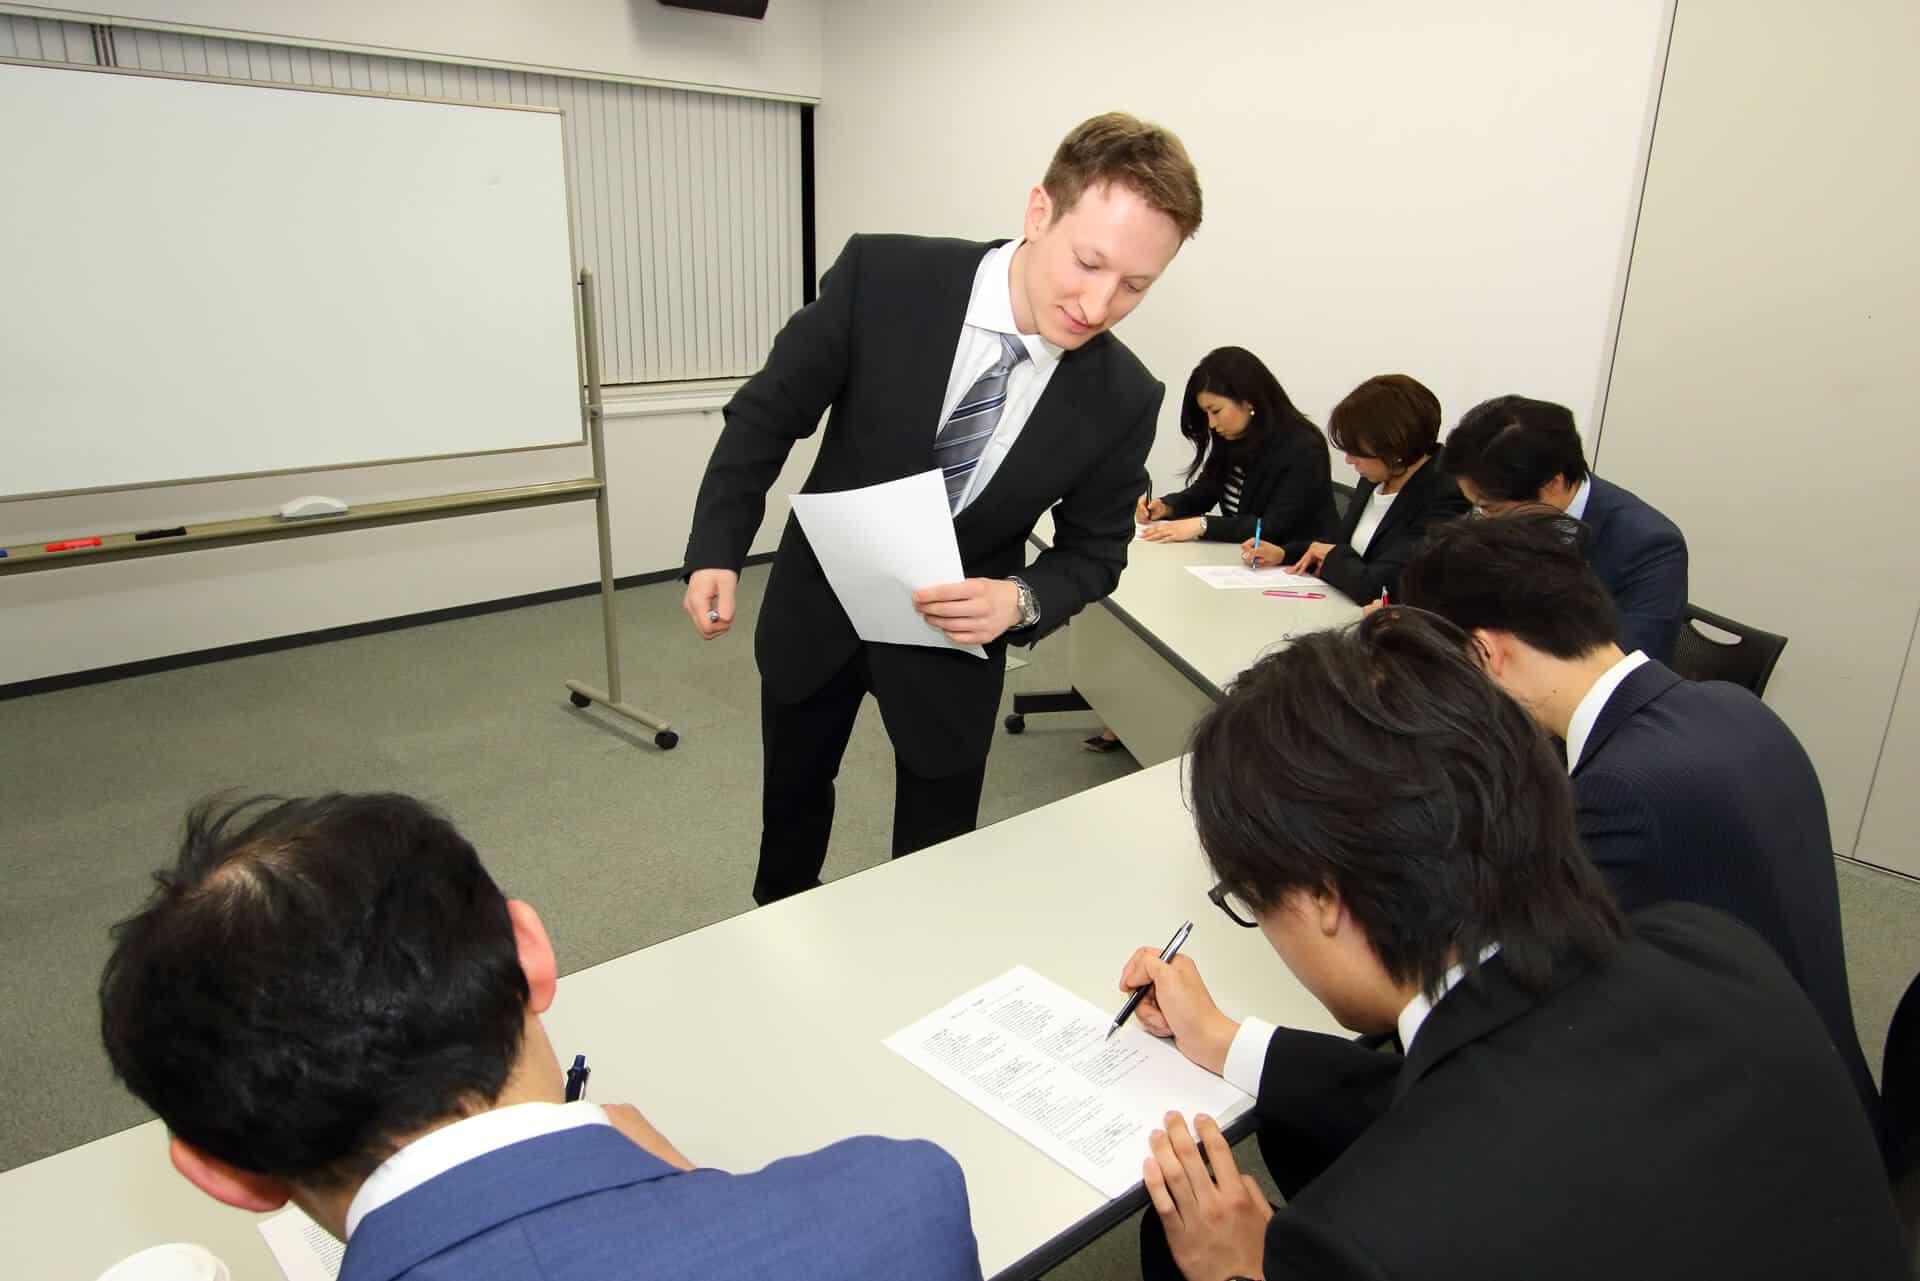 先生はビジネス英会話のクラスで生徒が書いている様子をチェックし、進捗をみています